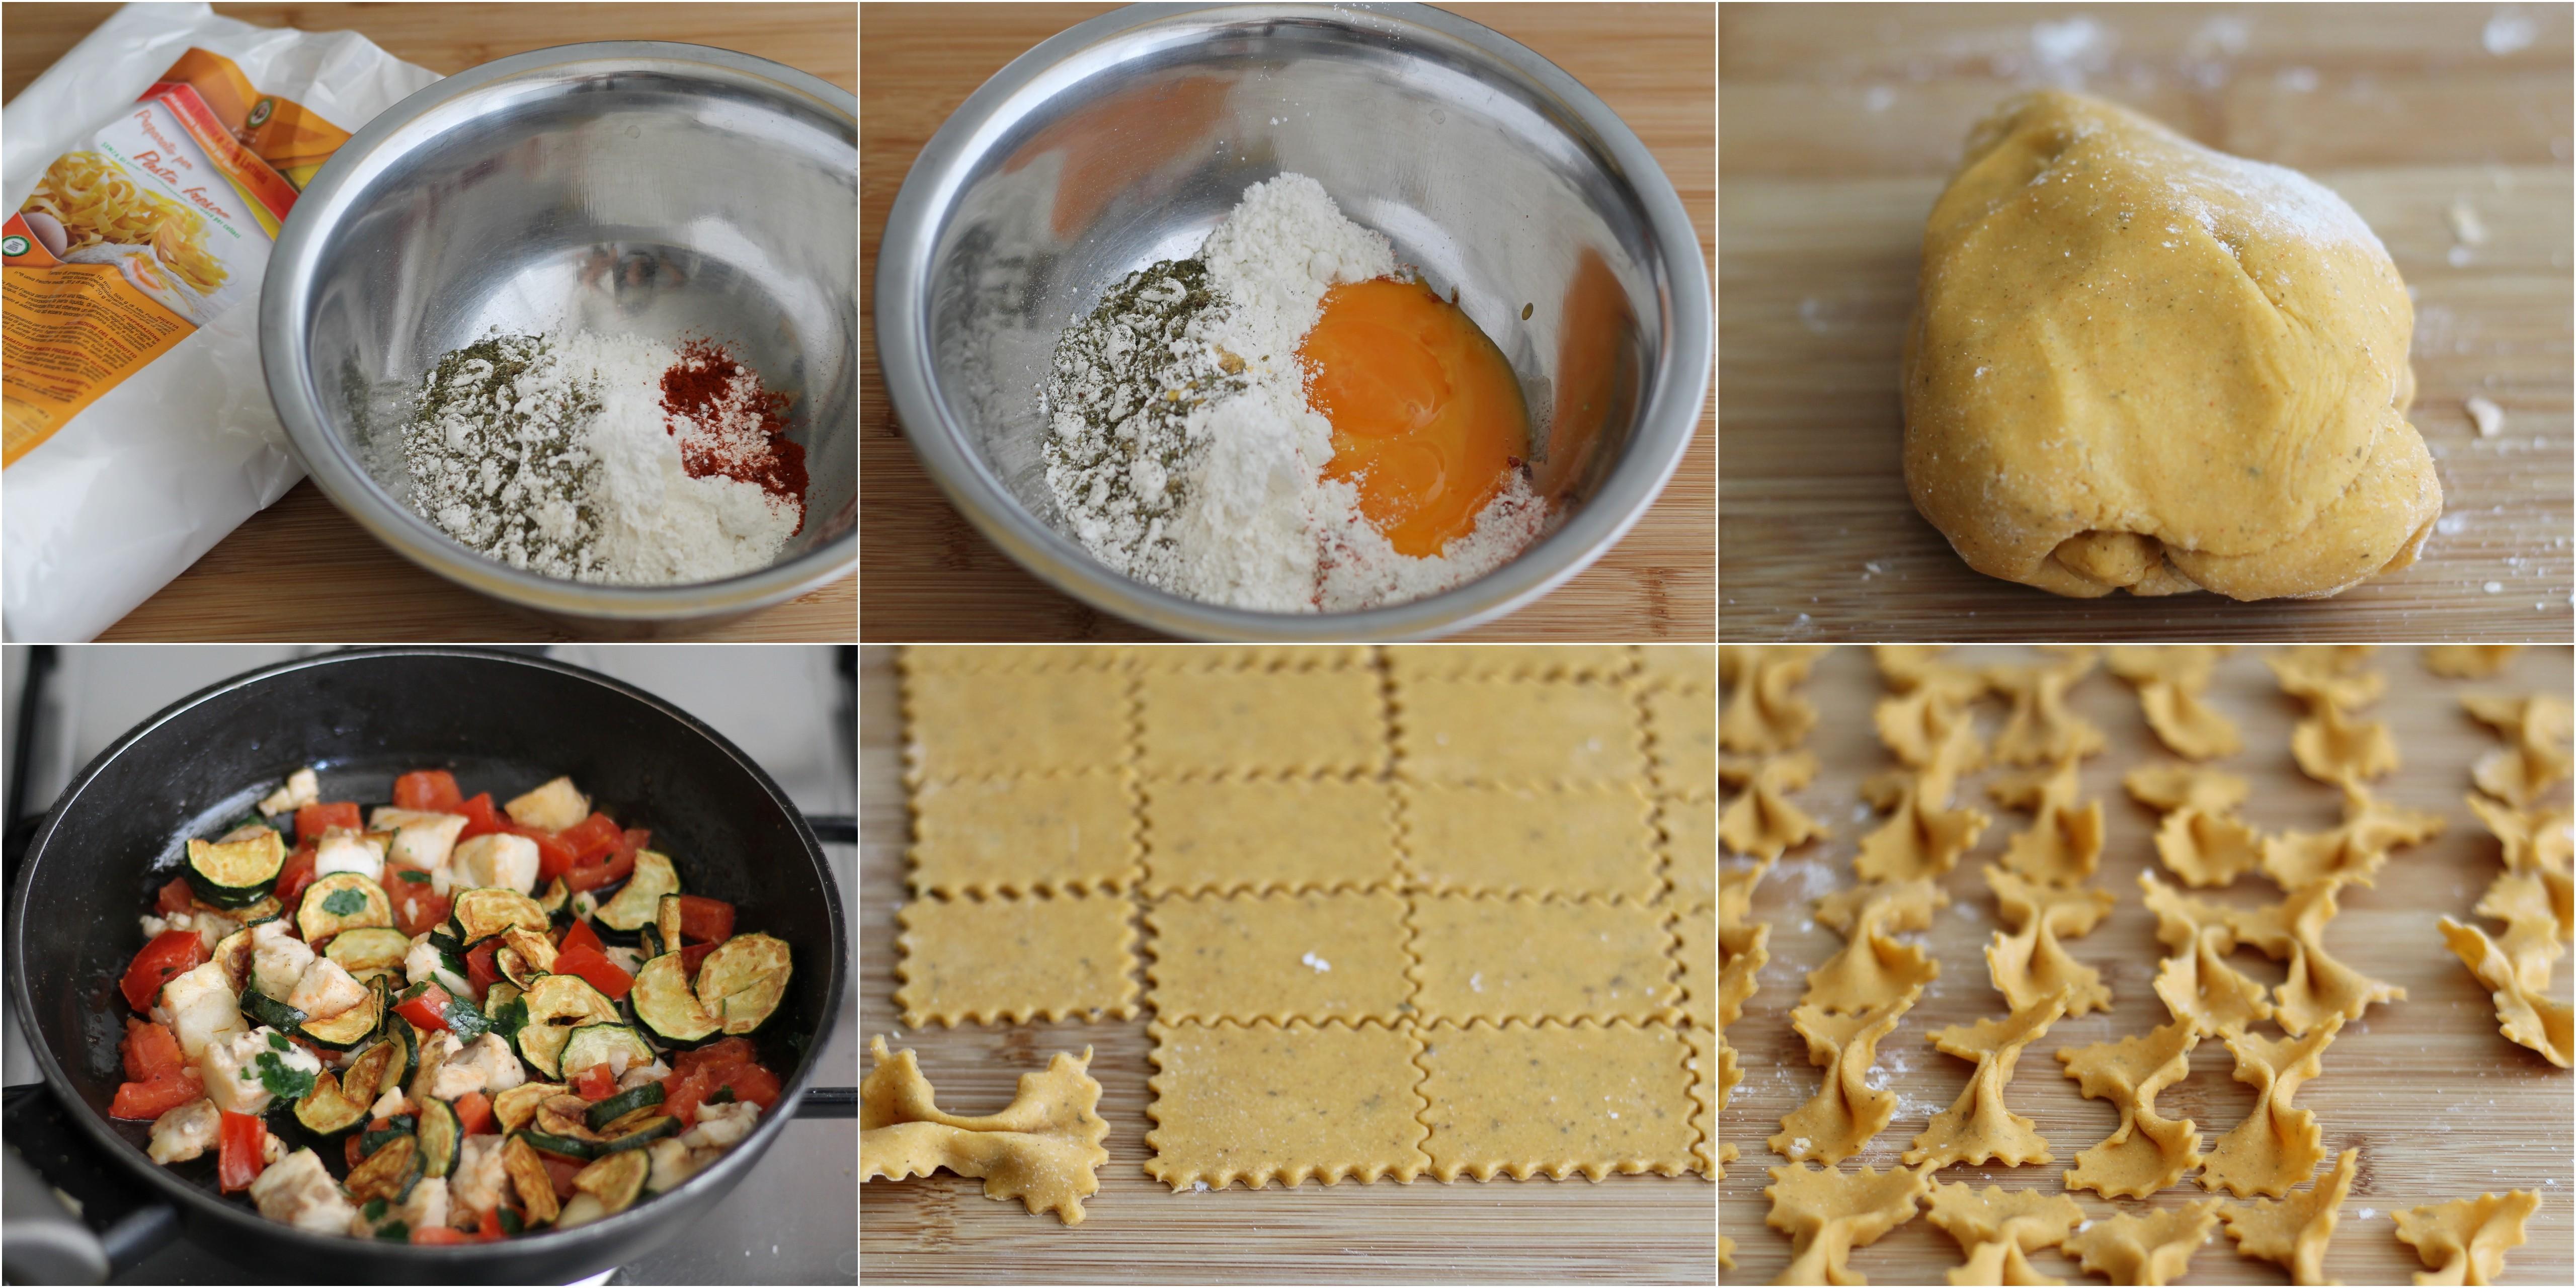 Pasta fresca senza glutine alla paprika con spigola e zucchine - La Cassata Celiaca